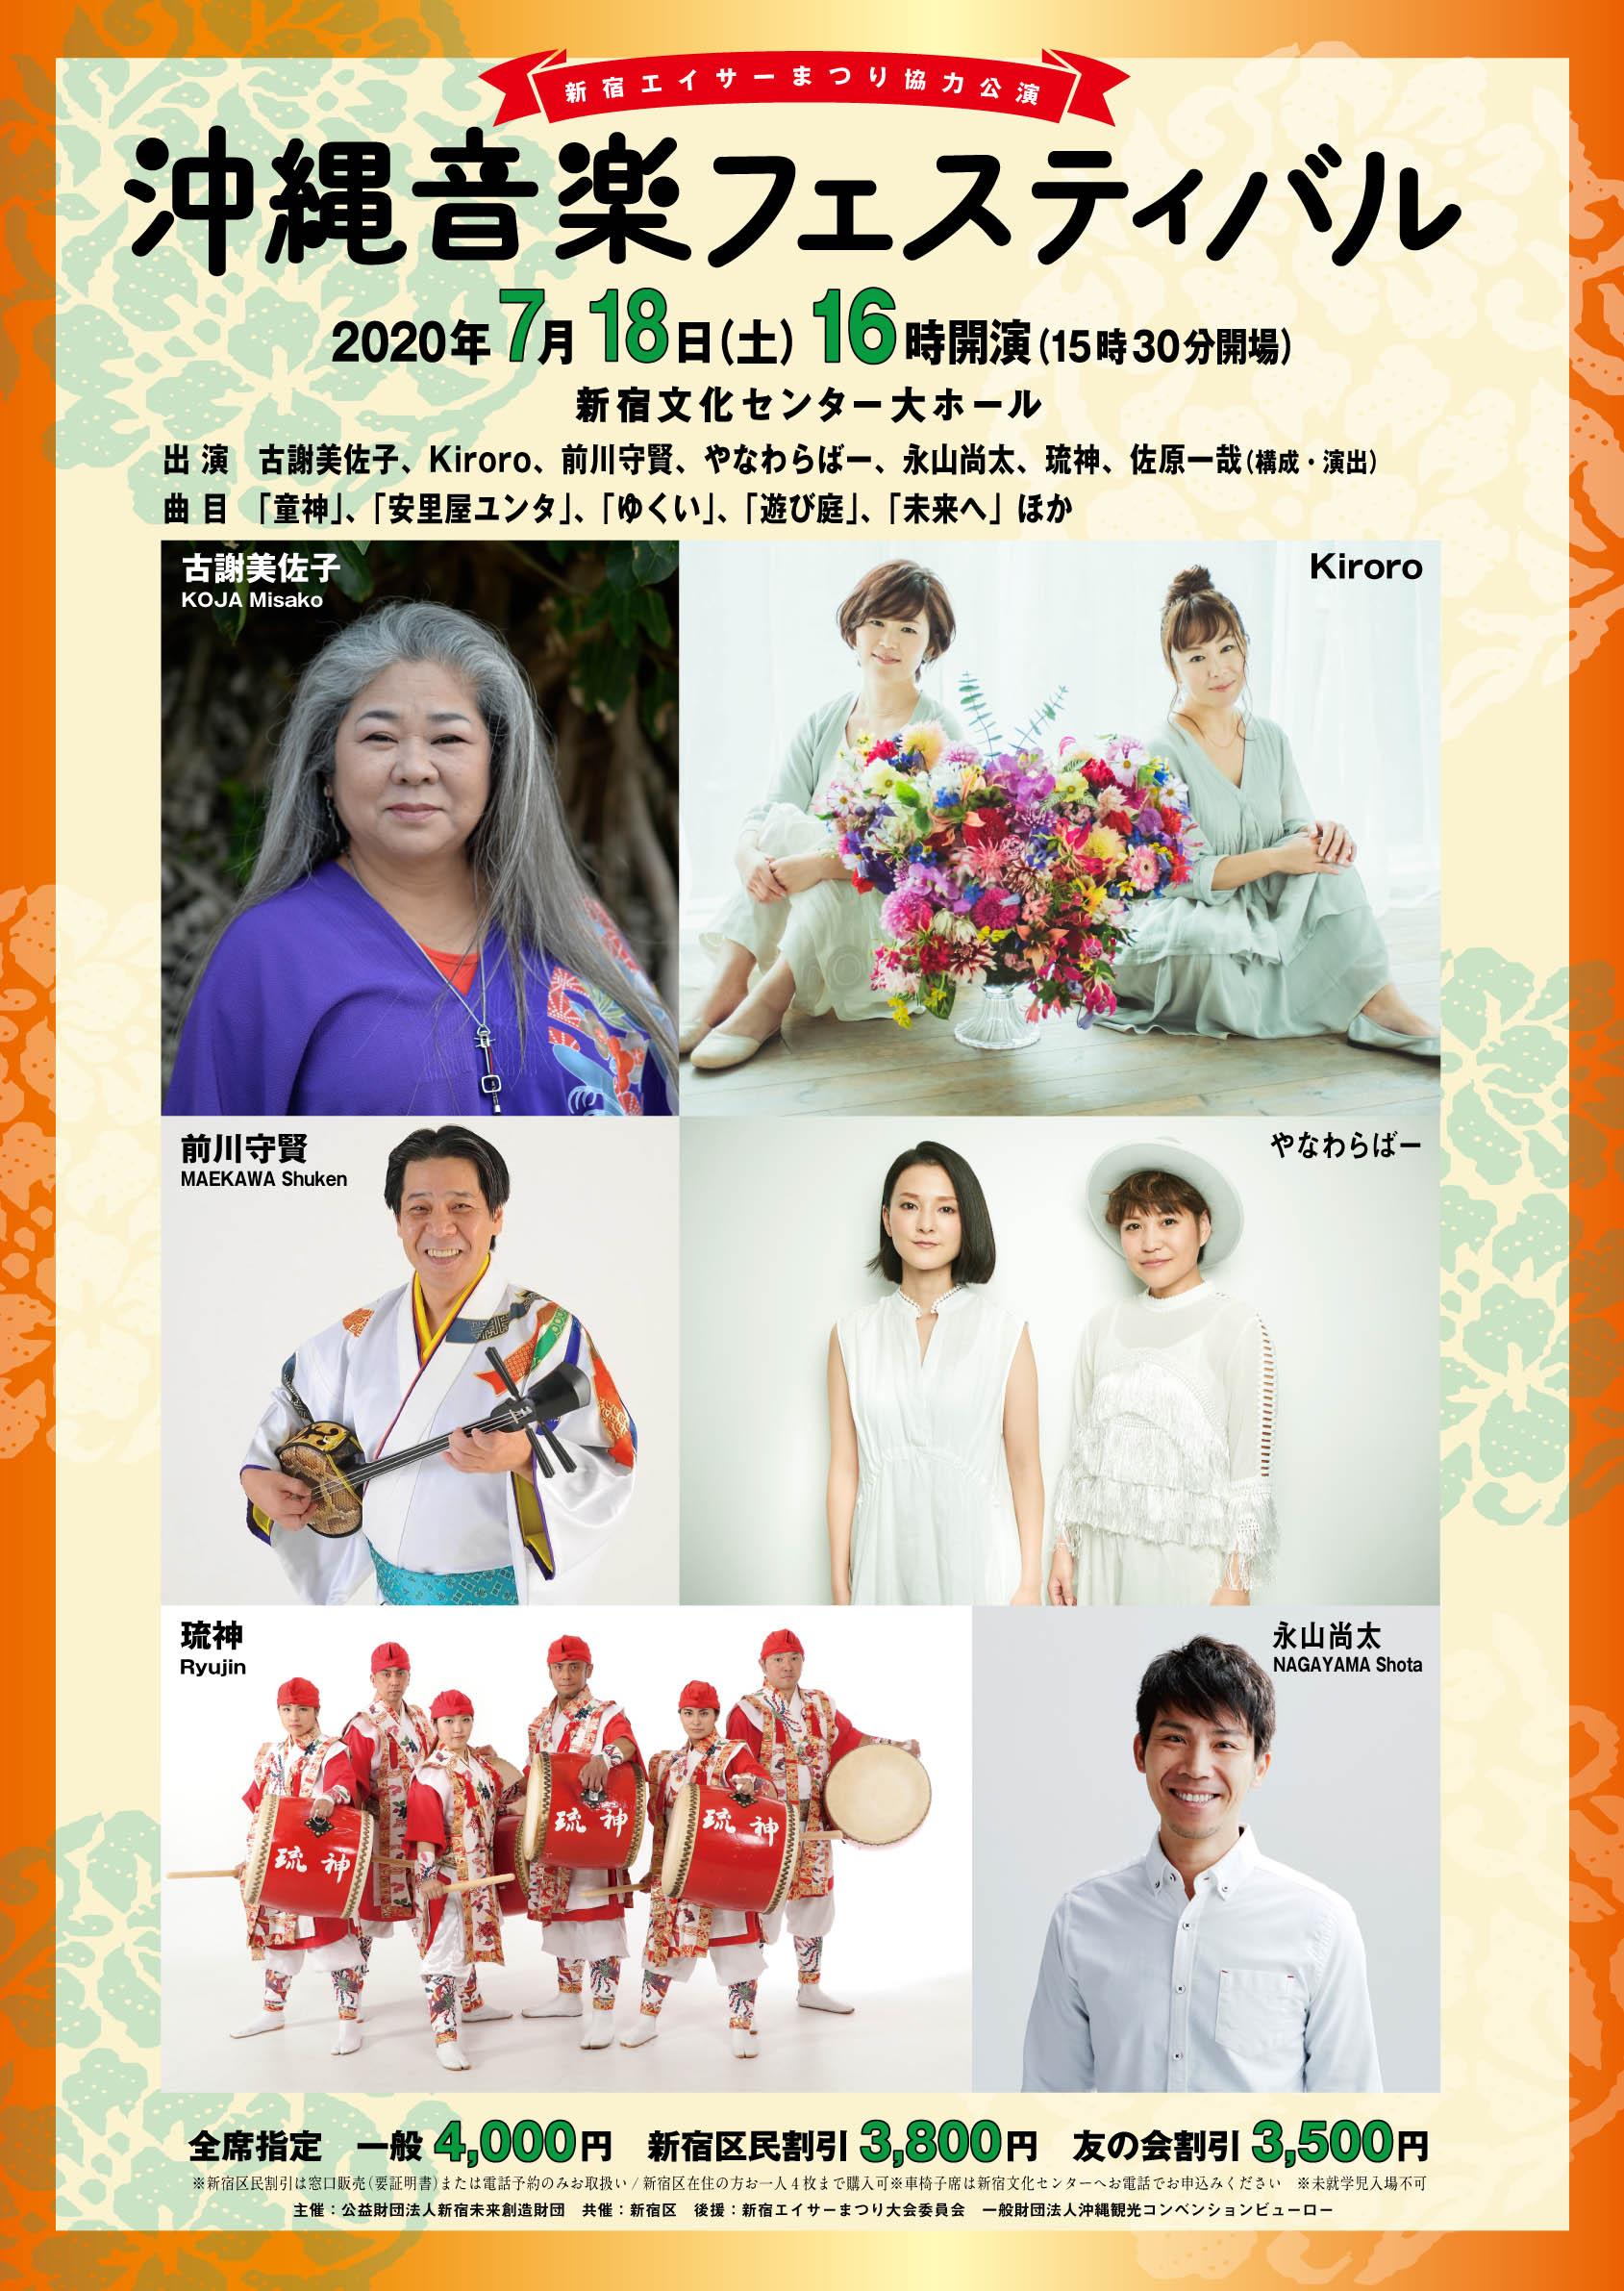 【中止】沖縄音楽フェスティバル